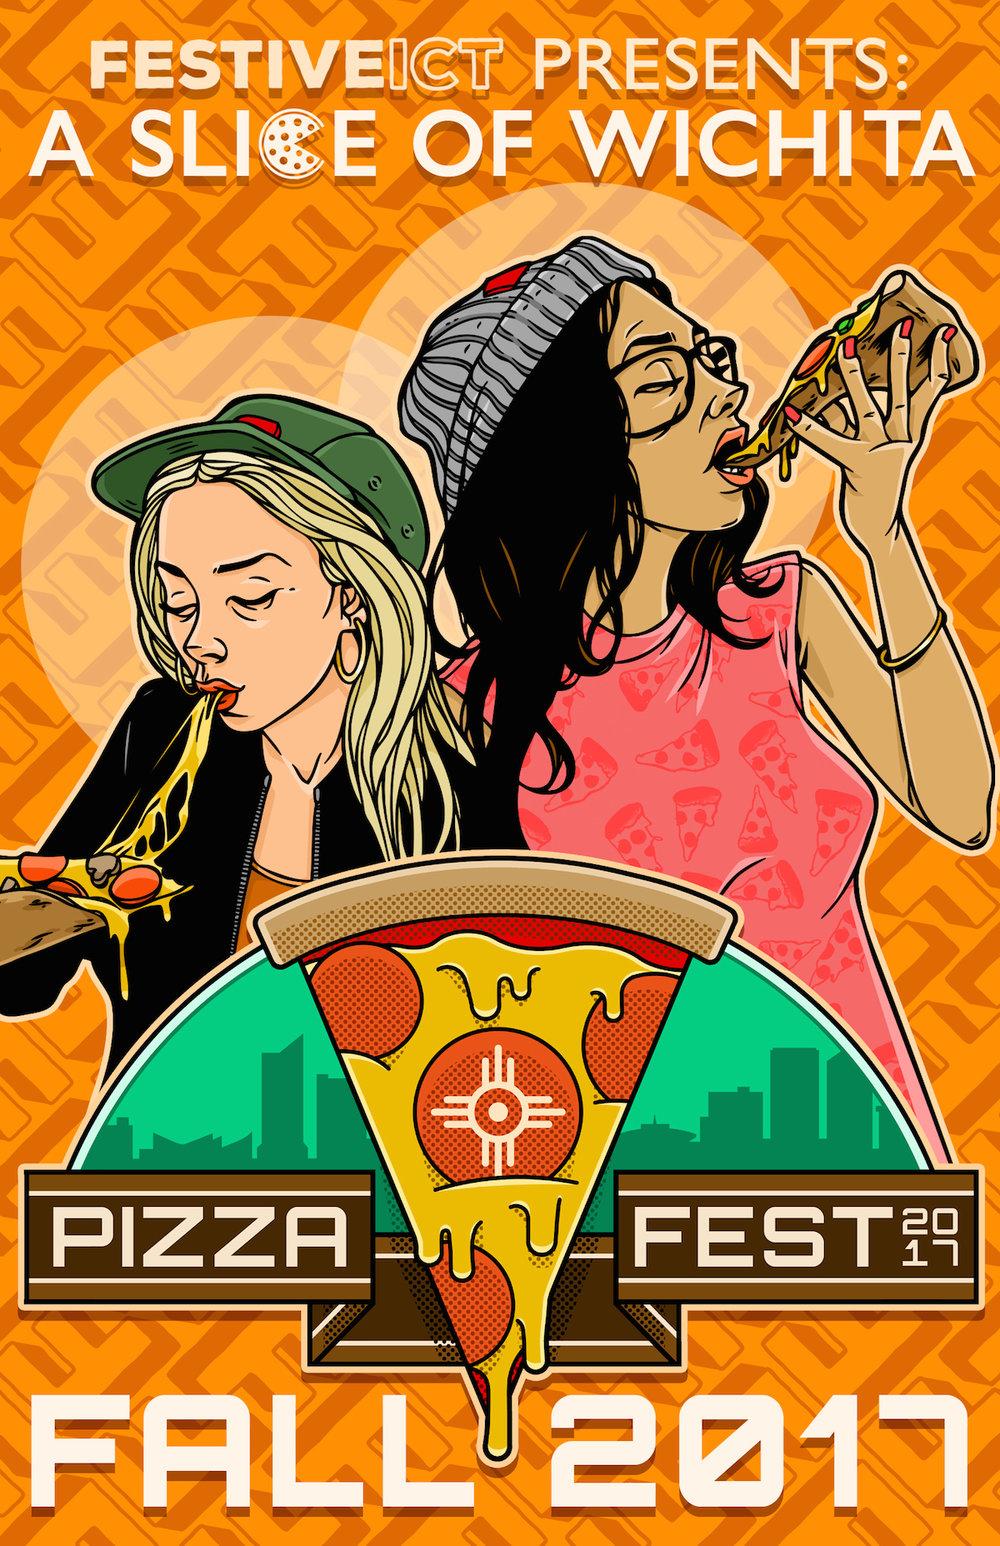 pizzafestad.jpg